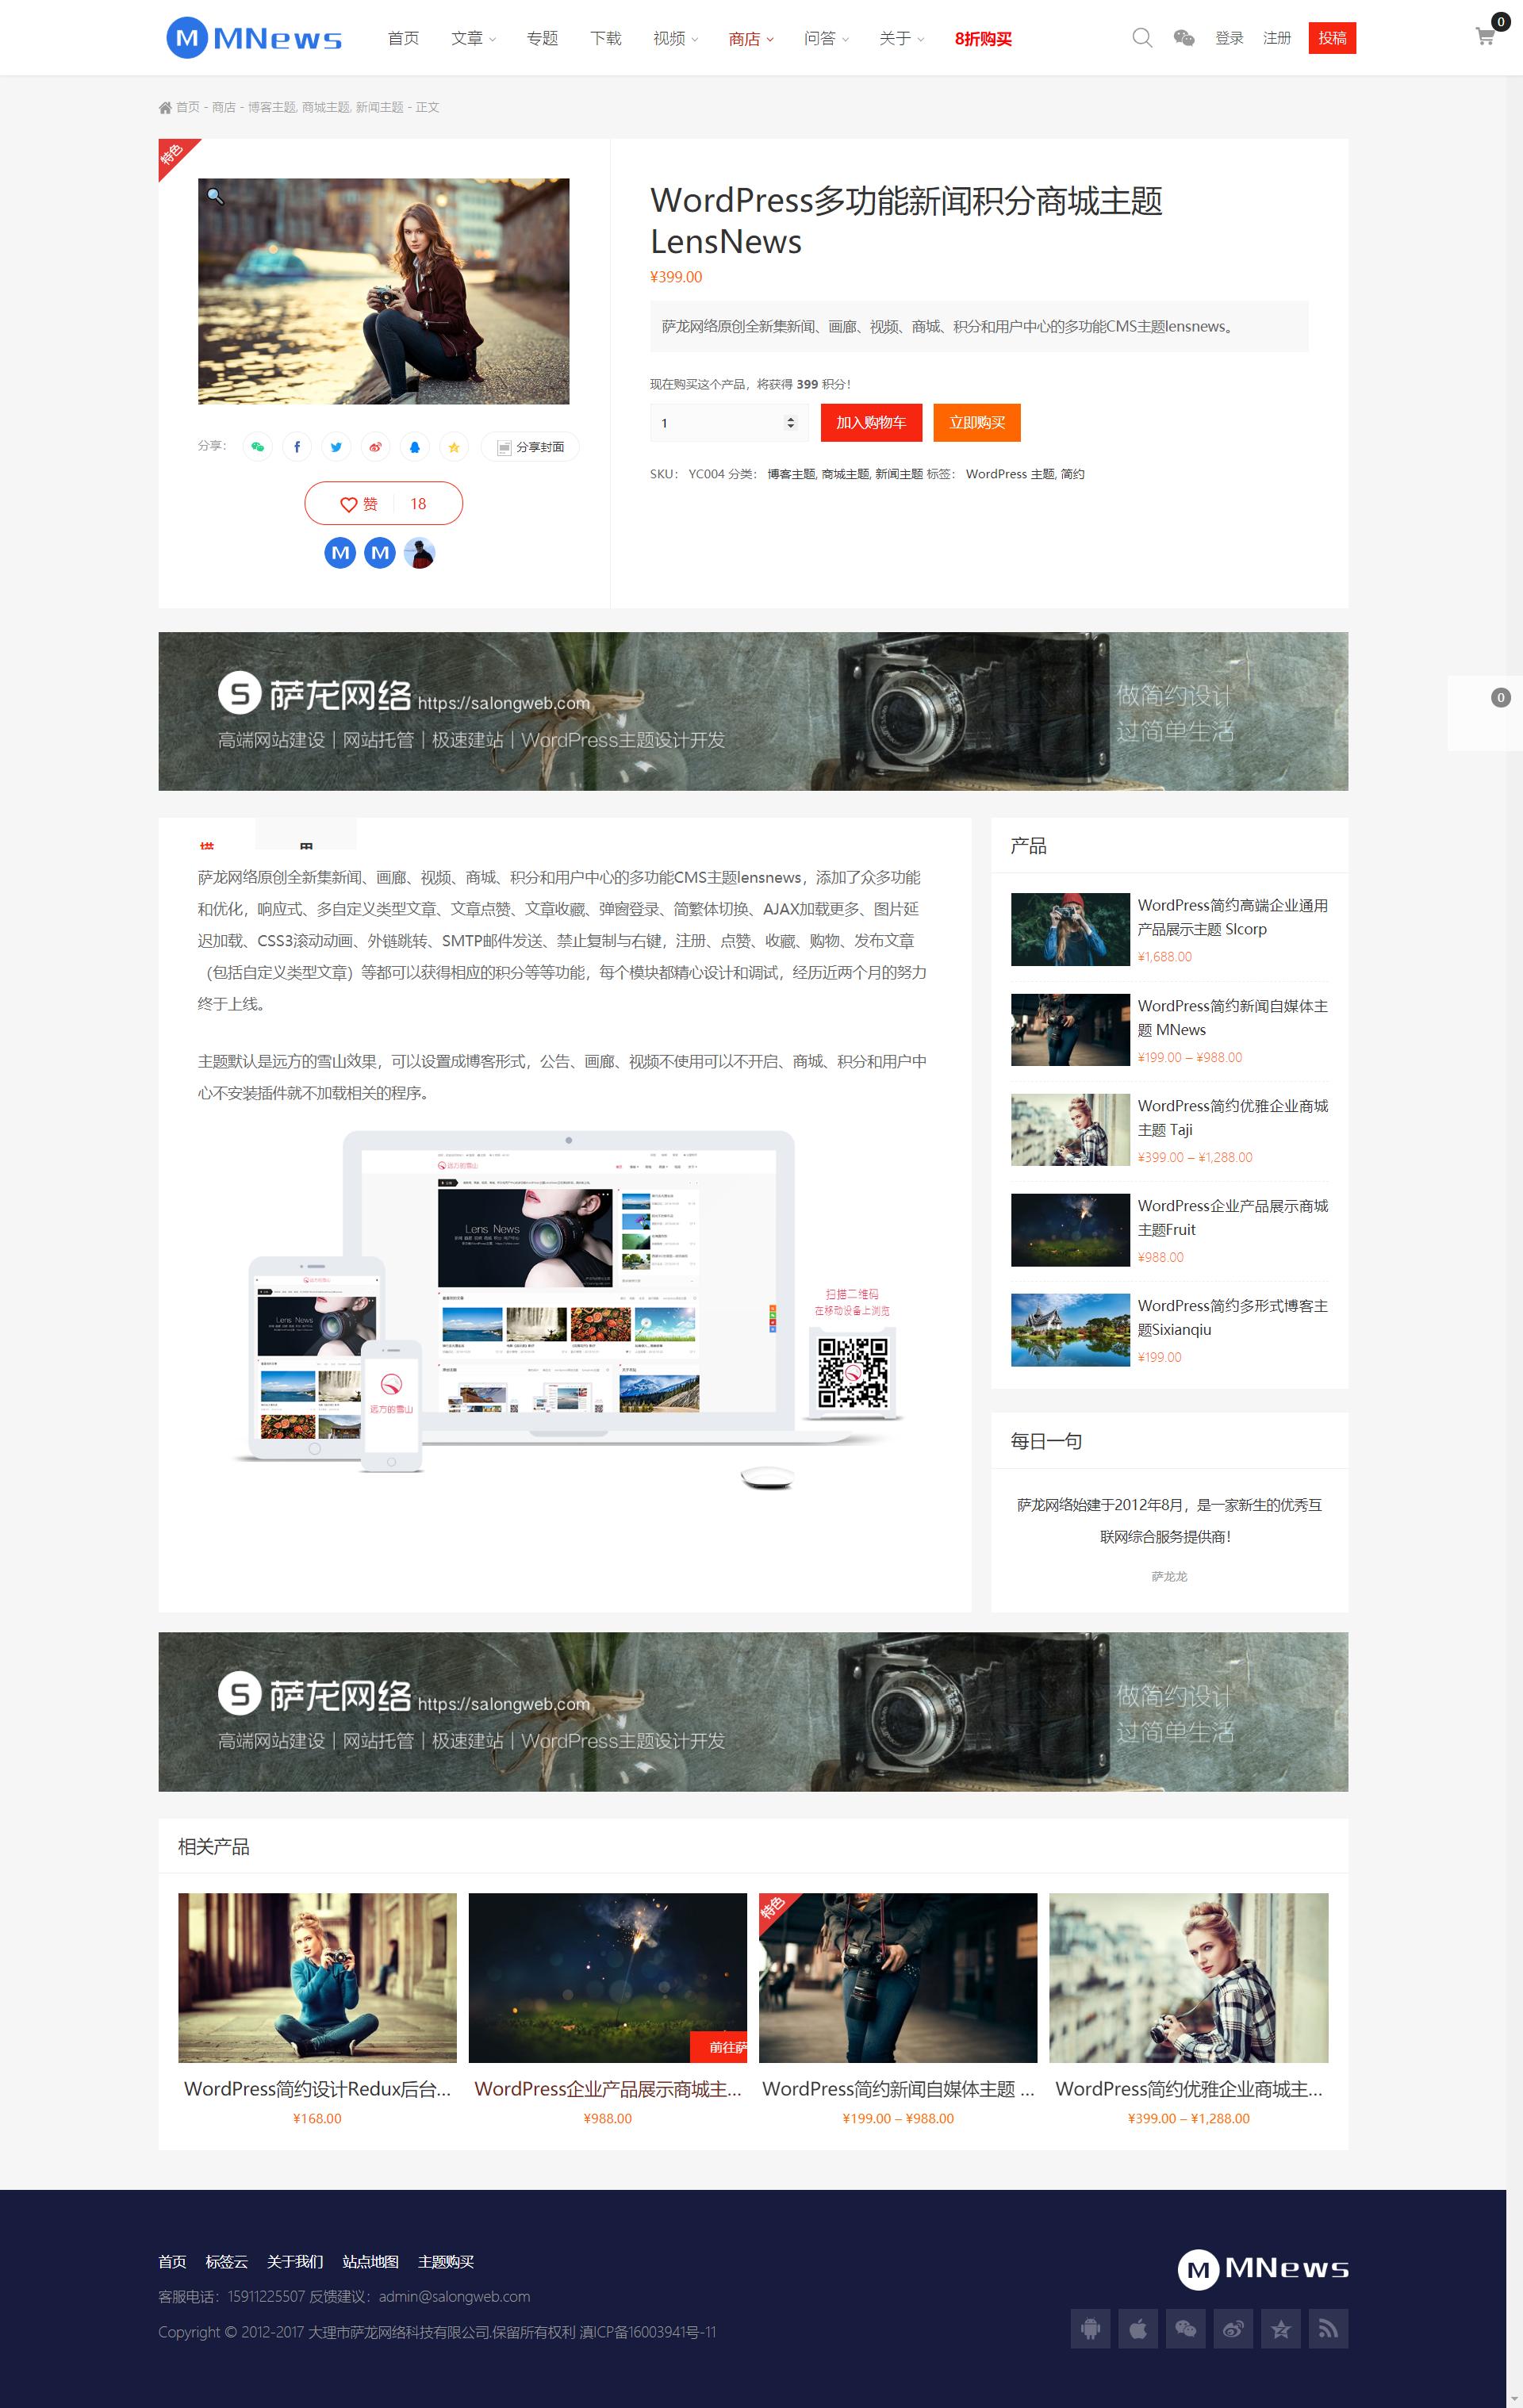 最新WordPress主题MNews破解版去域名授权,价值998